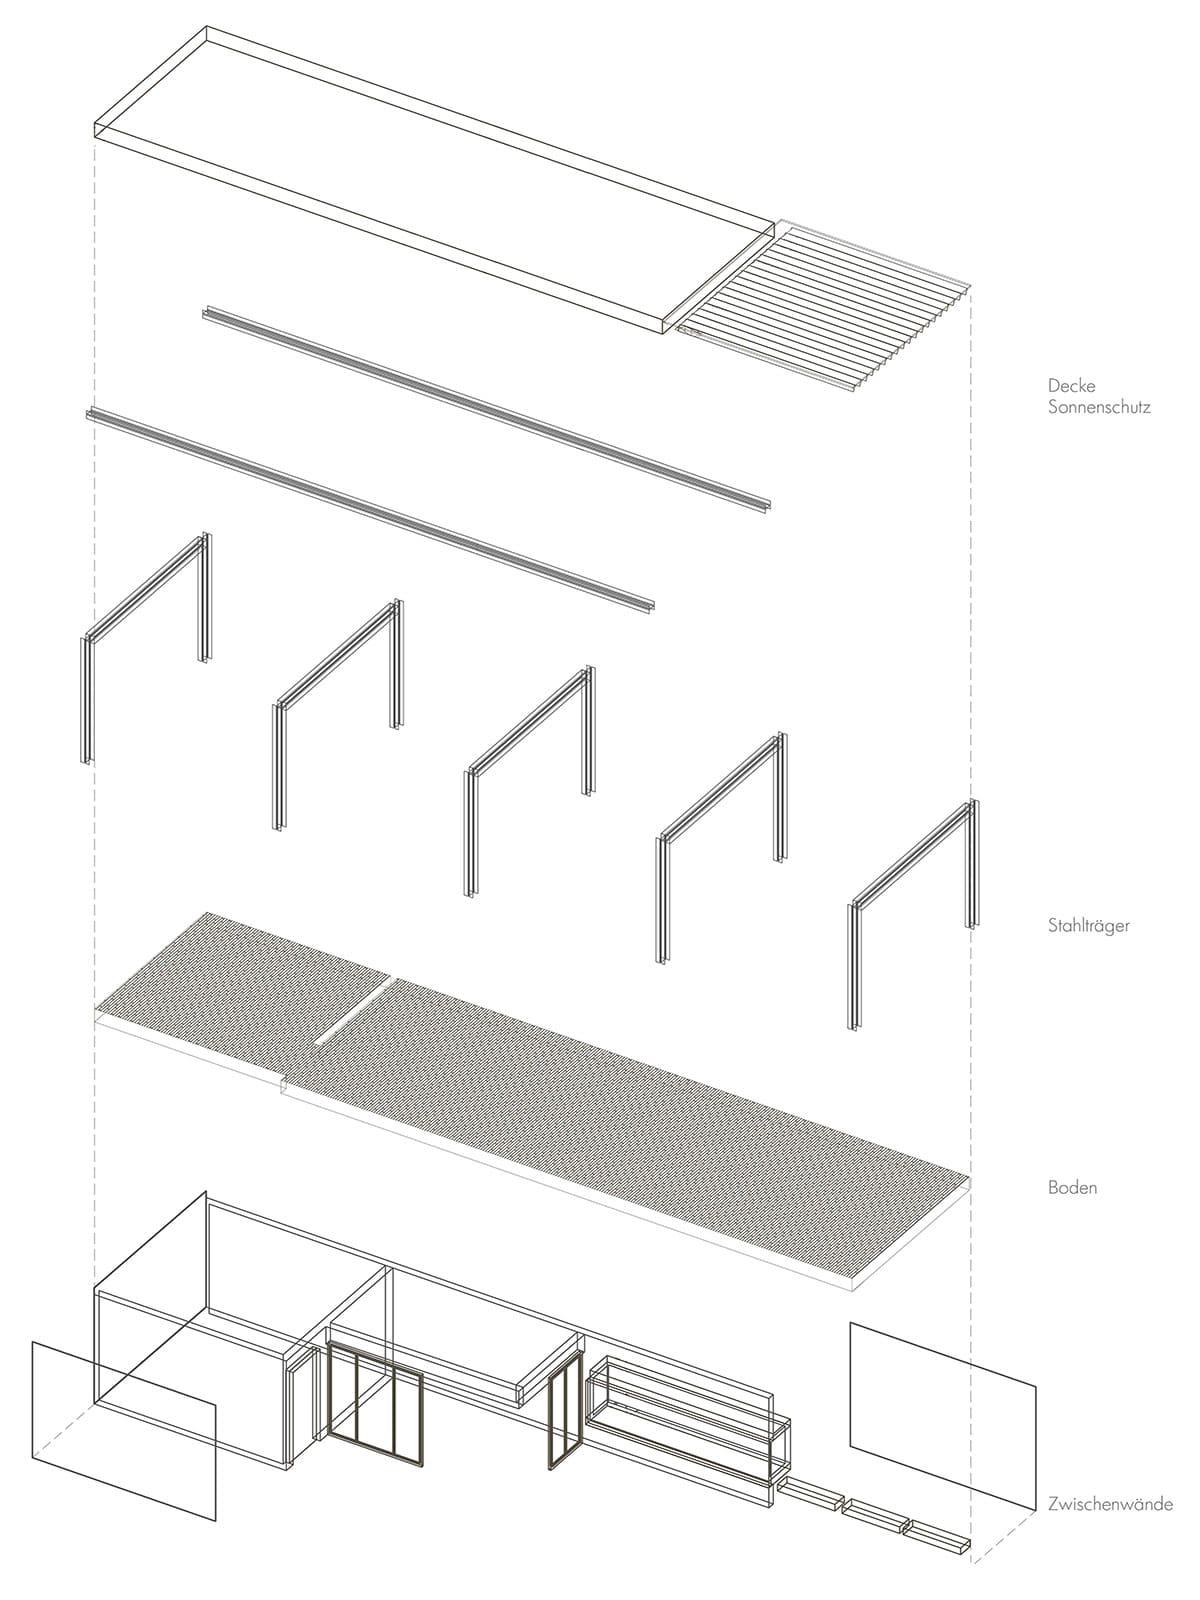 Modulbau, ARCHITEKT, Poolhaus, Architektenhaus, Gartenlaube, Chillen am Pool, Sommerlaune